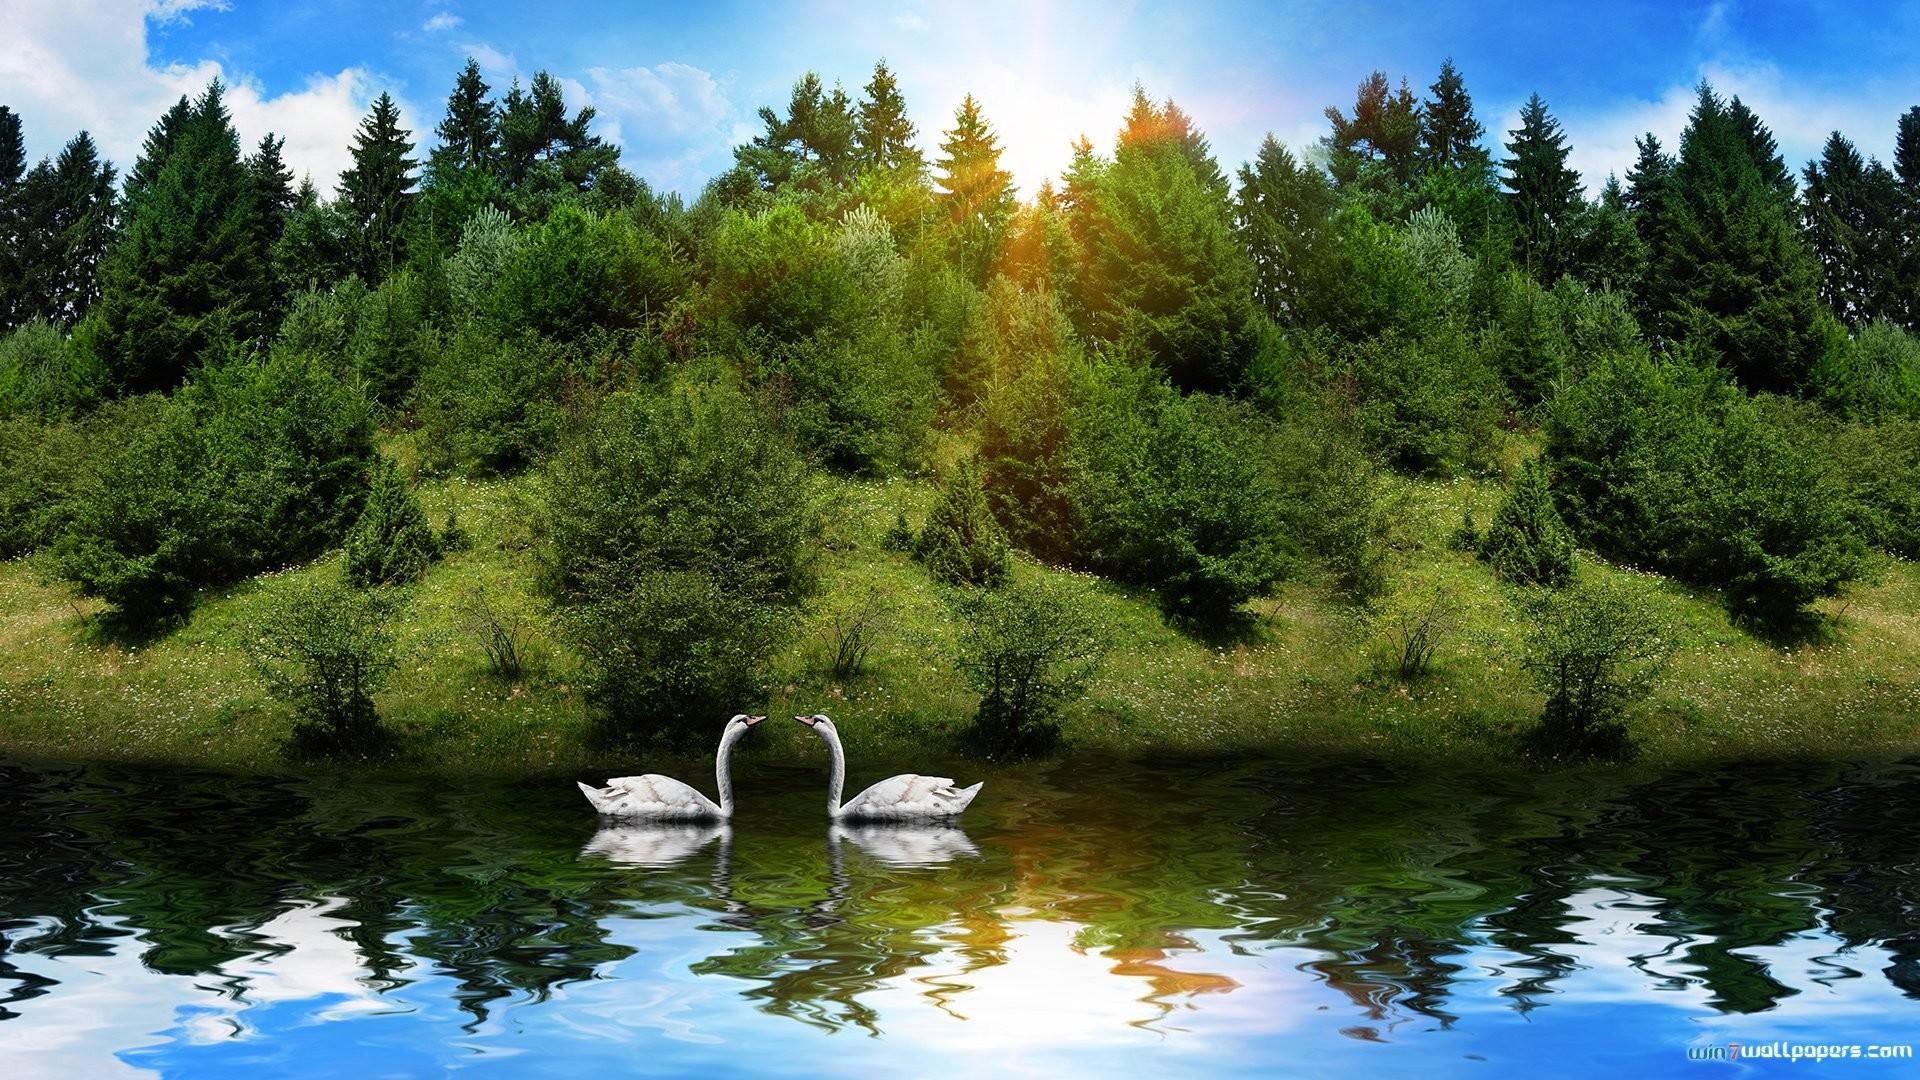 Res: 1920x1080, Fun Nature Wallpaper HD download.